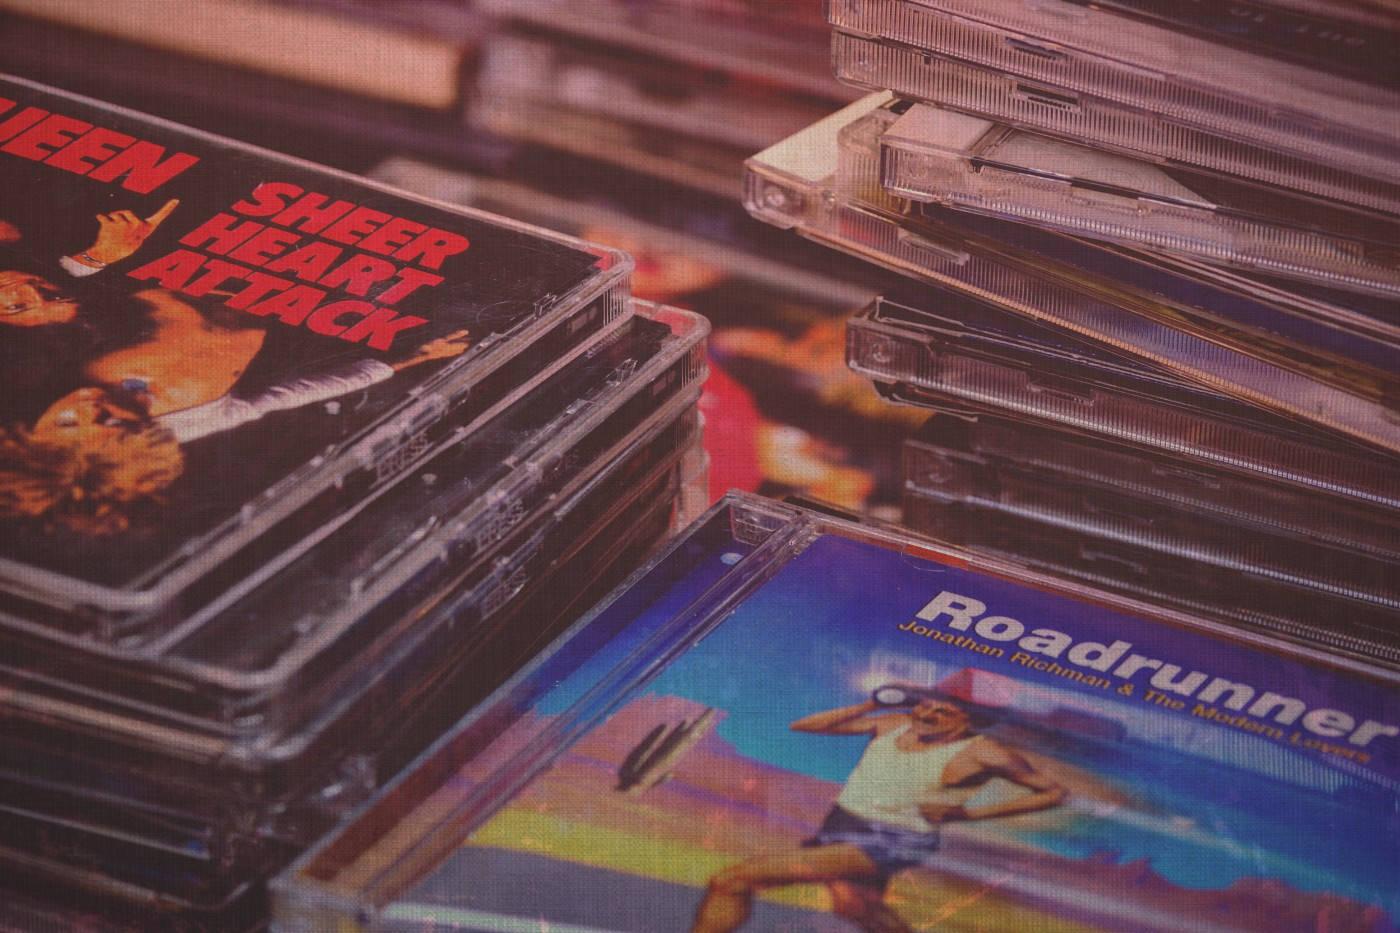 Сингл или альбом. Что лучше выпустить, чтобы стать популярным? 3 - lenium.ru